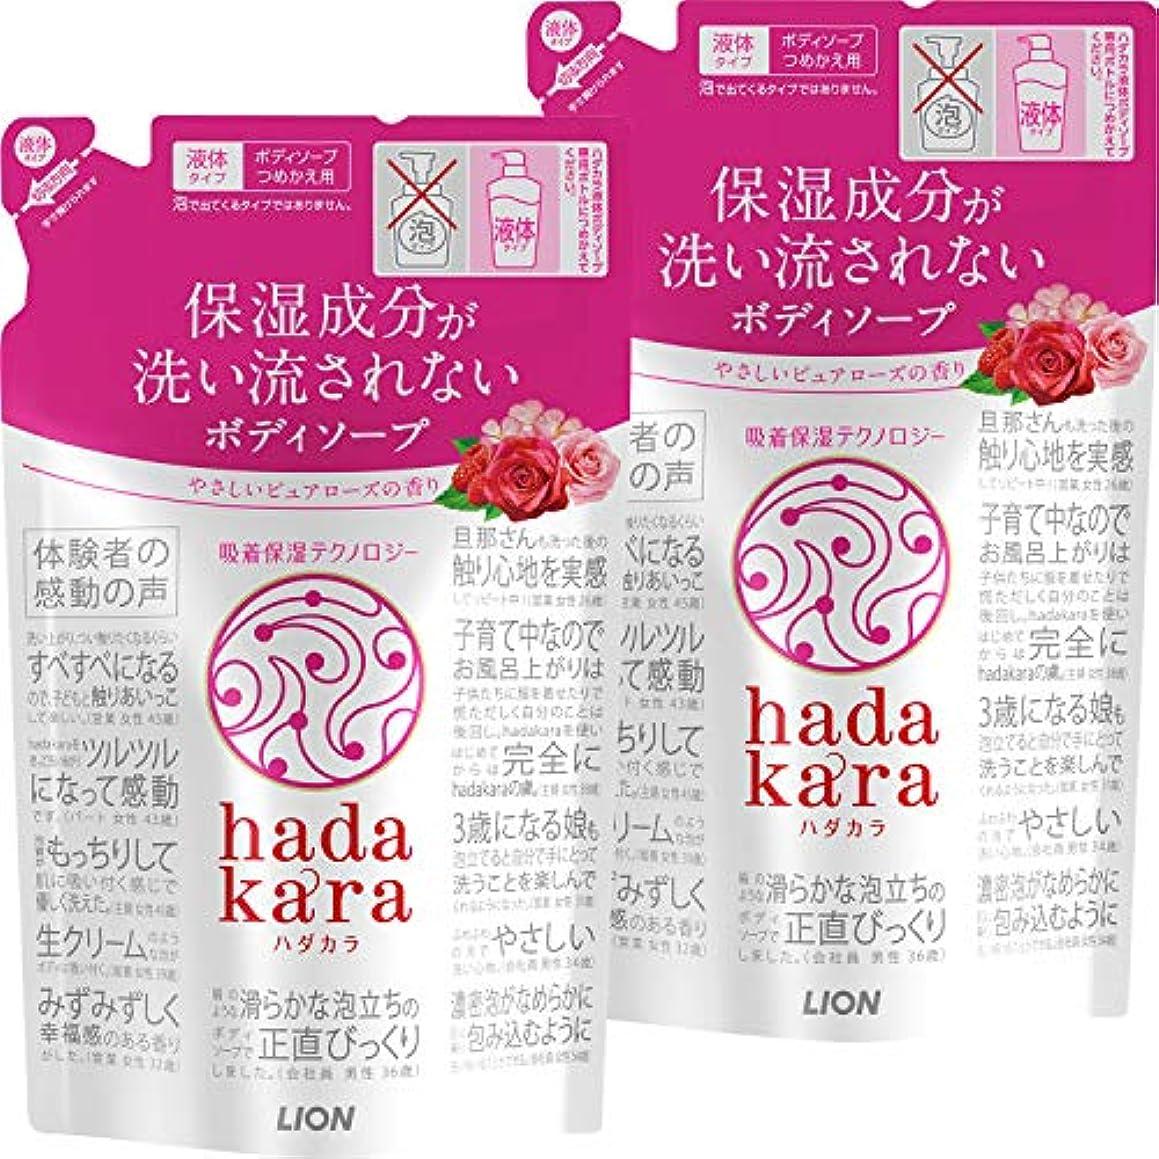 考えたマーケティング吹雪【まとめ買い】hadakara(ハダカラ) ボディソープ ピュアローズの香り 詰め替え 360ml×2個パック